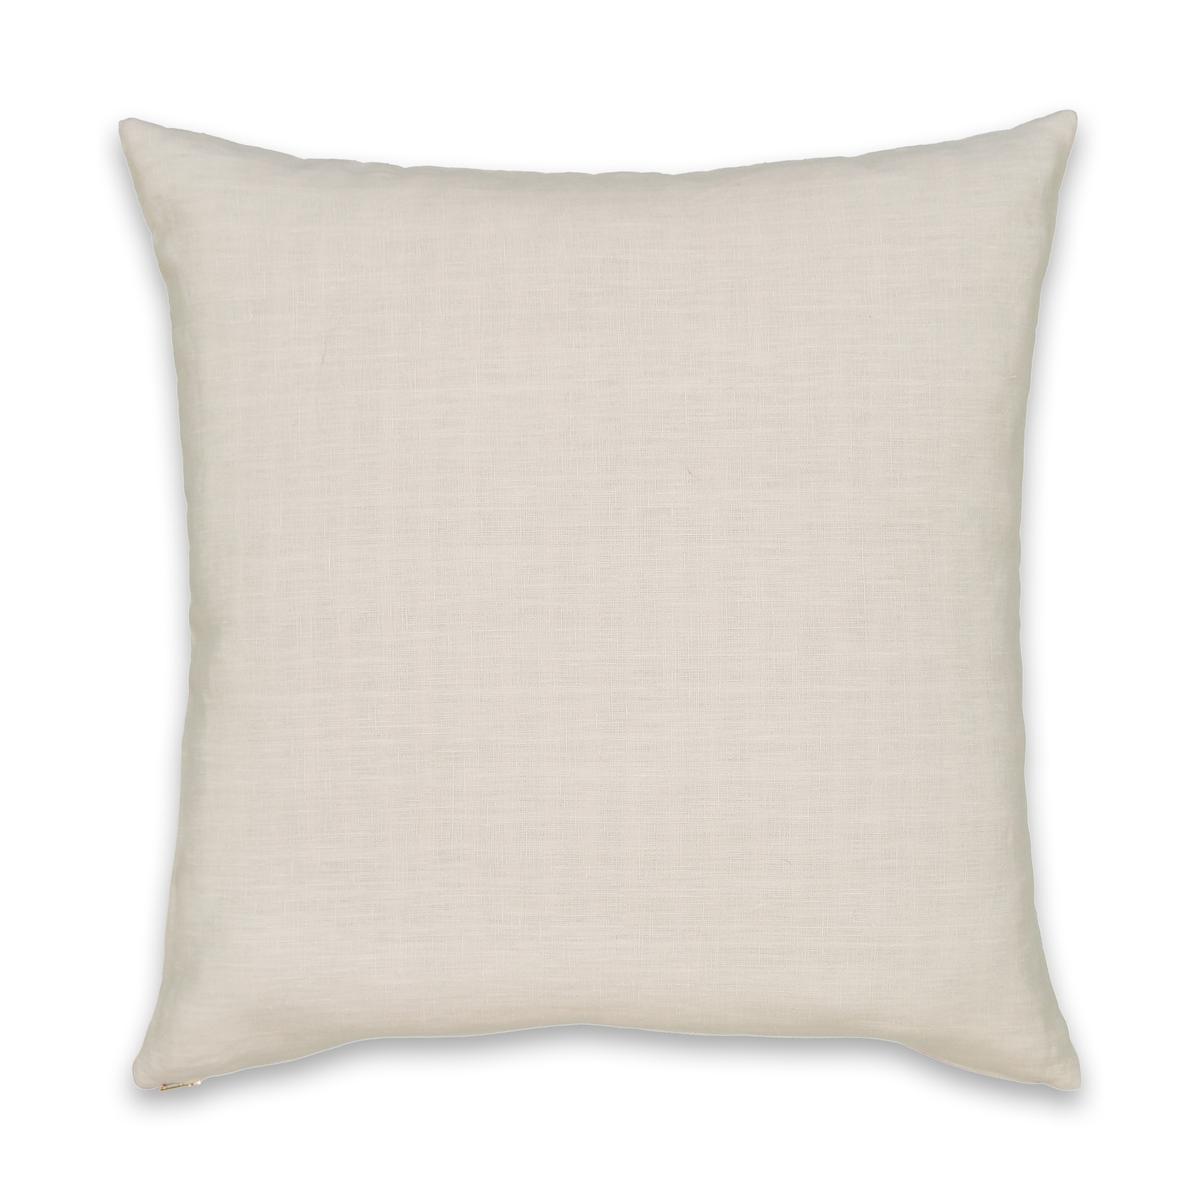 Чехол для подушки из велюра и льна POLEN подушки